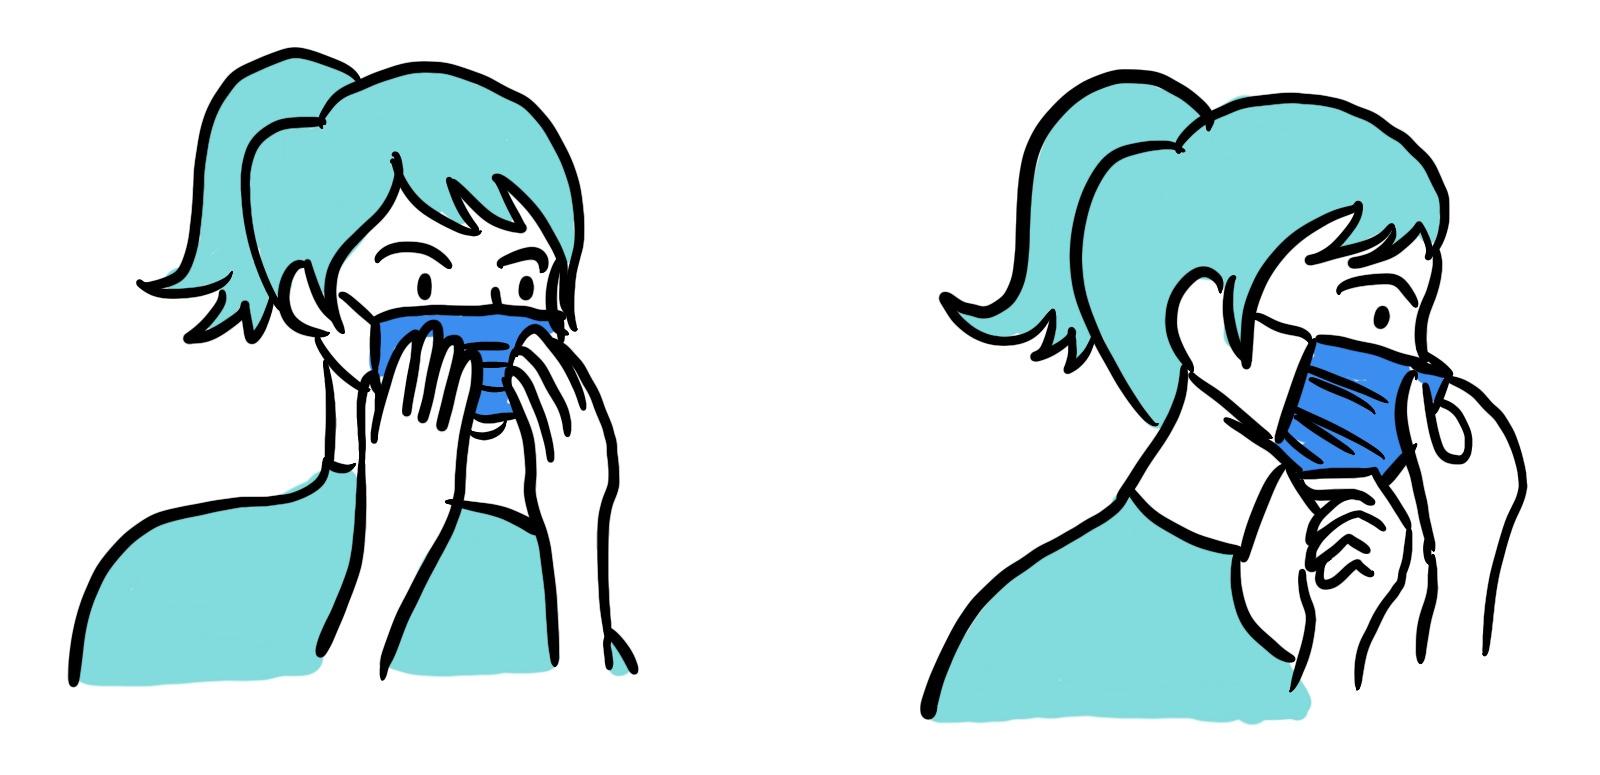 【为了您的健康,我们的专家有话说】流感预防那些事儿